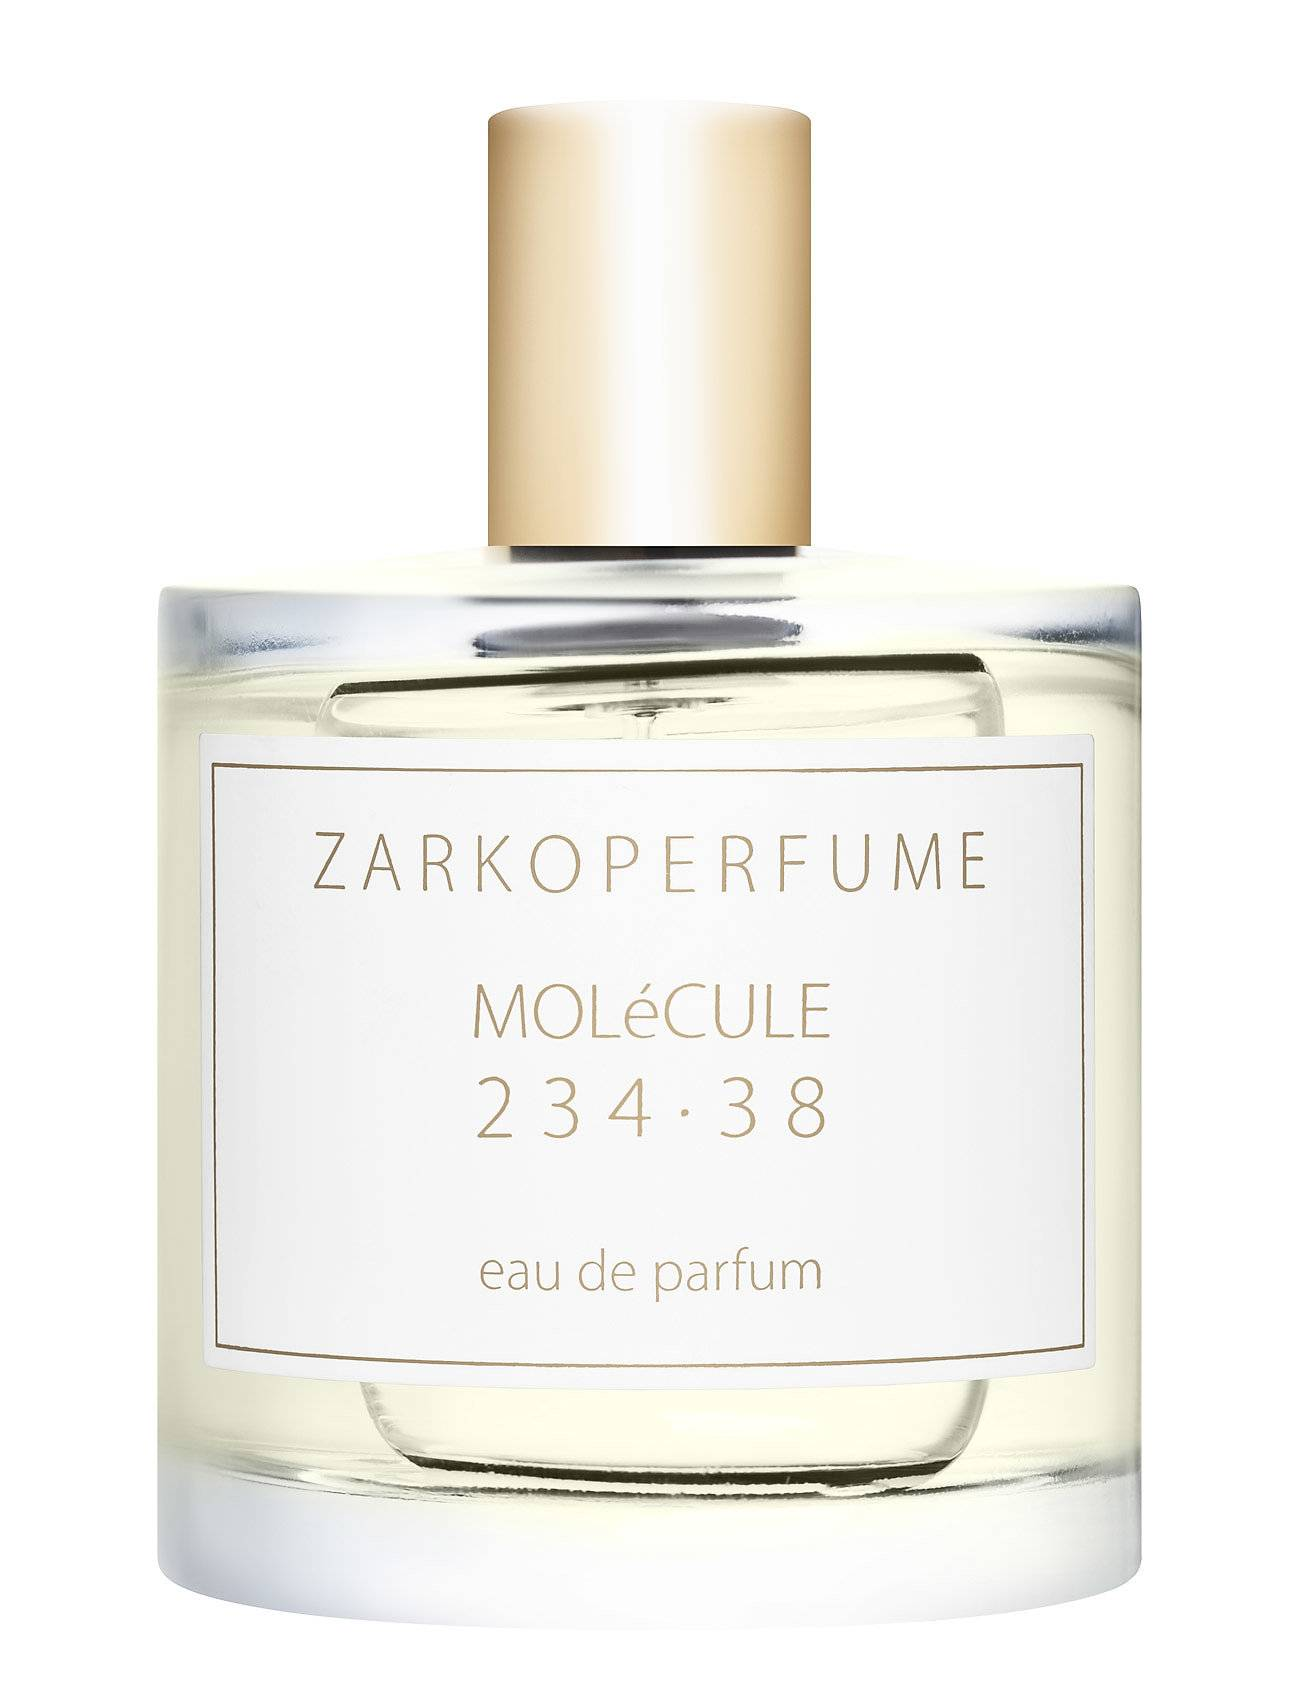 Zarkoperfume MoléCule 234.38 Eau De Parfum Hajuvesi Eau De Parfum Nude Zarkoperfume